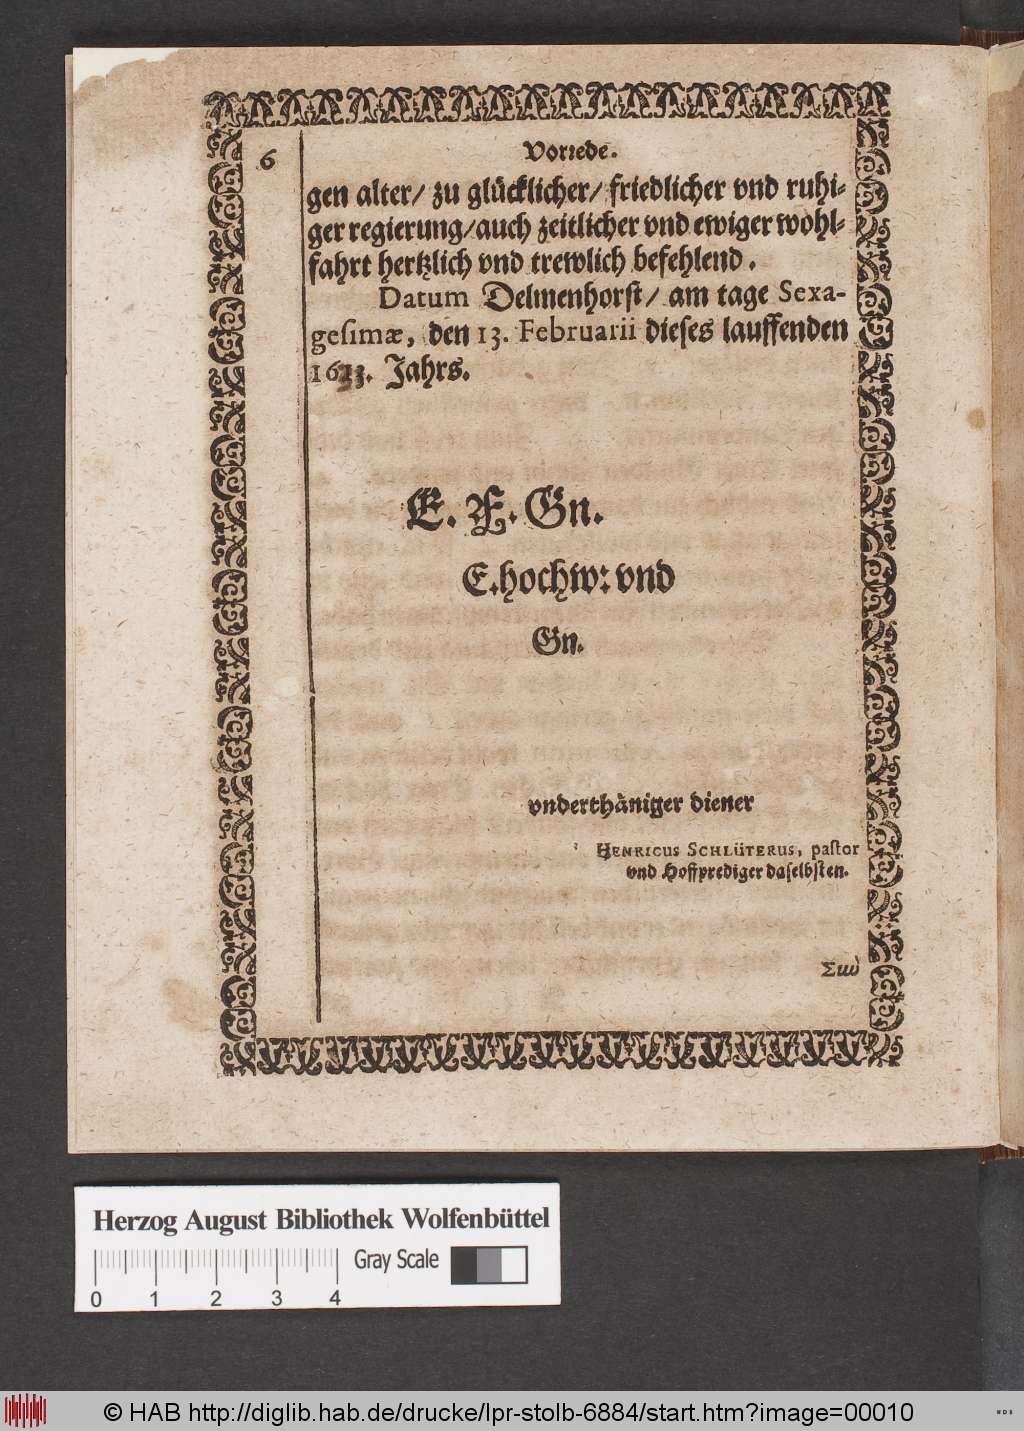 http://diglib.hab.de/drucke/lpr-stolb-6884/00010.jpg